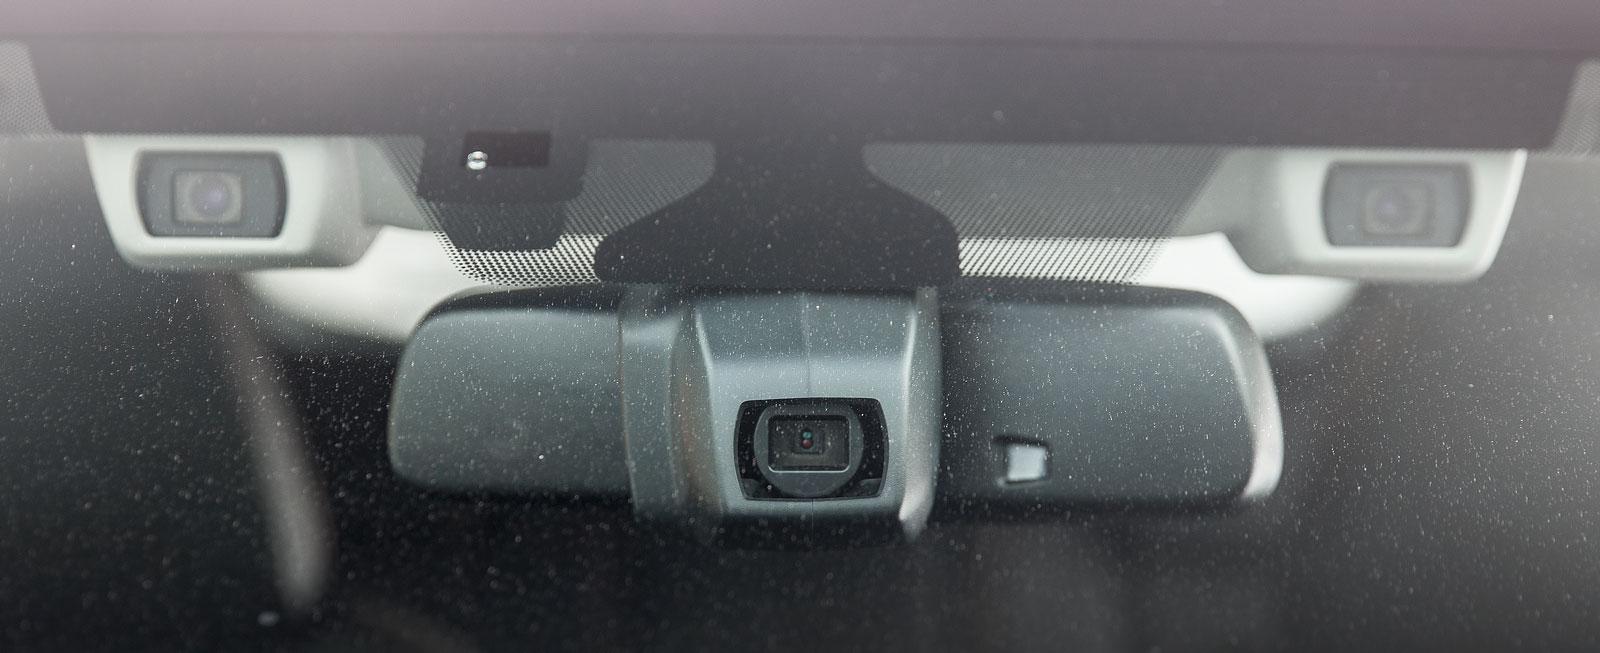 Nej, det är inte en drönare utan kamerasystemet EyeSight där registreringen för flera säkerhetsfunktioner och olika förarstödsystem samlats.